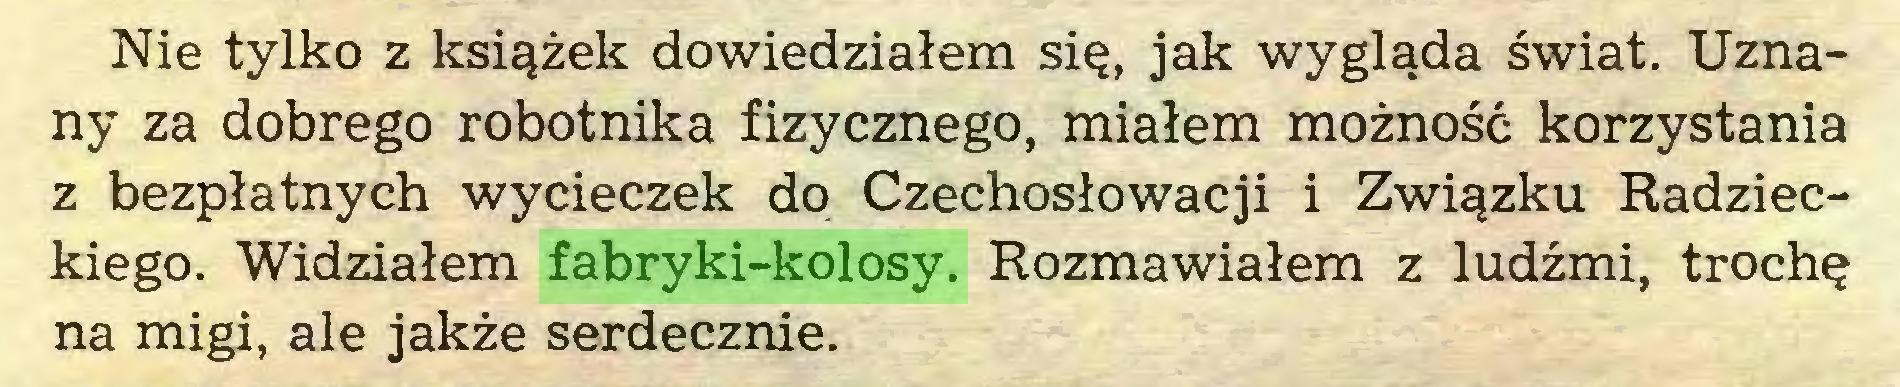 (...) Nie tylko z książek dowiedziałem się, jak wygląda świat. Uznany za dobrego robotnika fizycznego, miałem możność korzystania z bezpłatnych wycieczek do Czechosłowacji i Związku Radzieckiego. Widziałem fabryki-kolosy. Rozmawiałem z ludźmi, trochę na migi, ale jakże serdecznie...